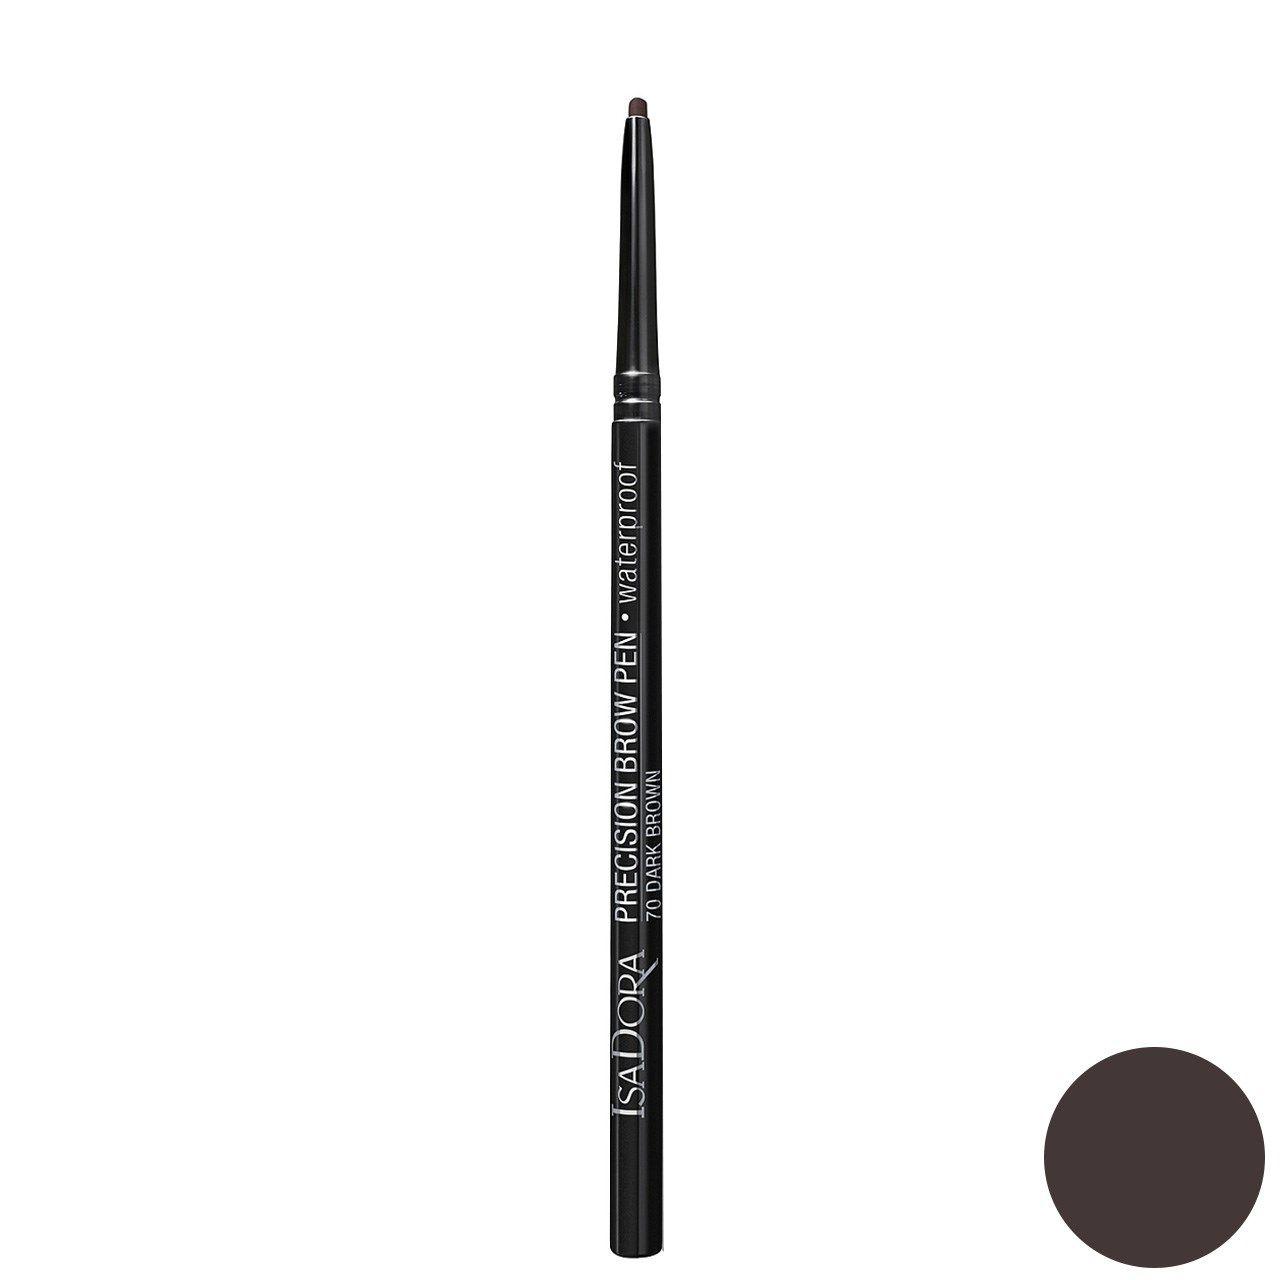 مداد ابرو ایزادورا مدل Precision Brow Pen شماره 70 -  - 1